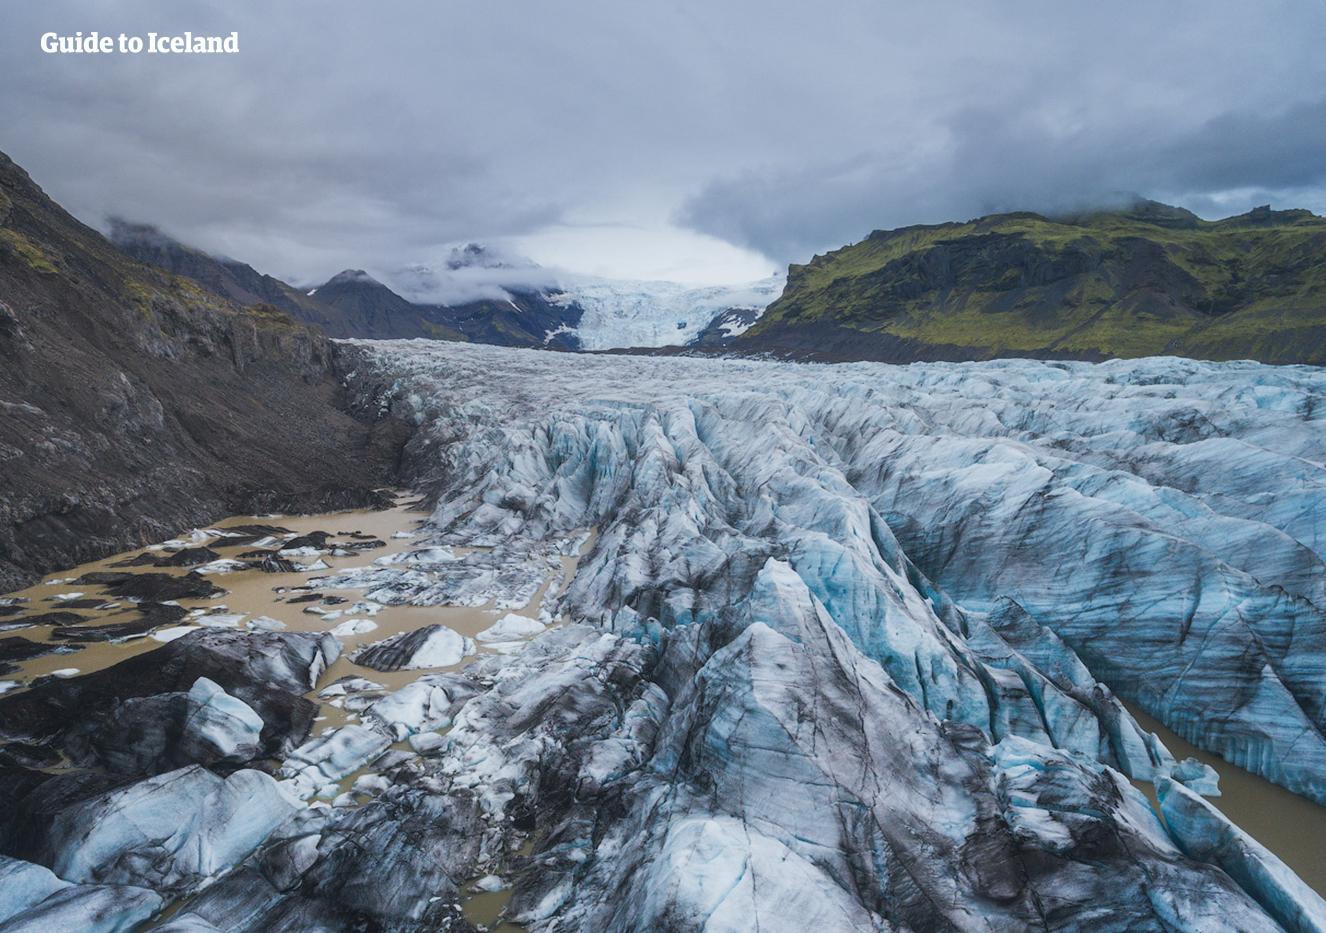 Skaftafell naturreservat i Sydisland er mest kendt for sine gletsjertunger som Svínafellsjökull (på billedet) og vandfald som Svartifoss.